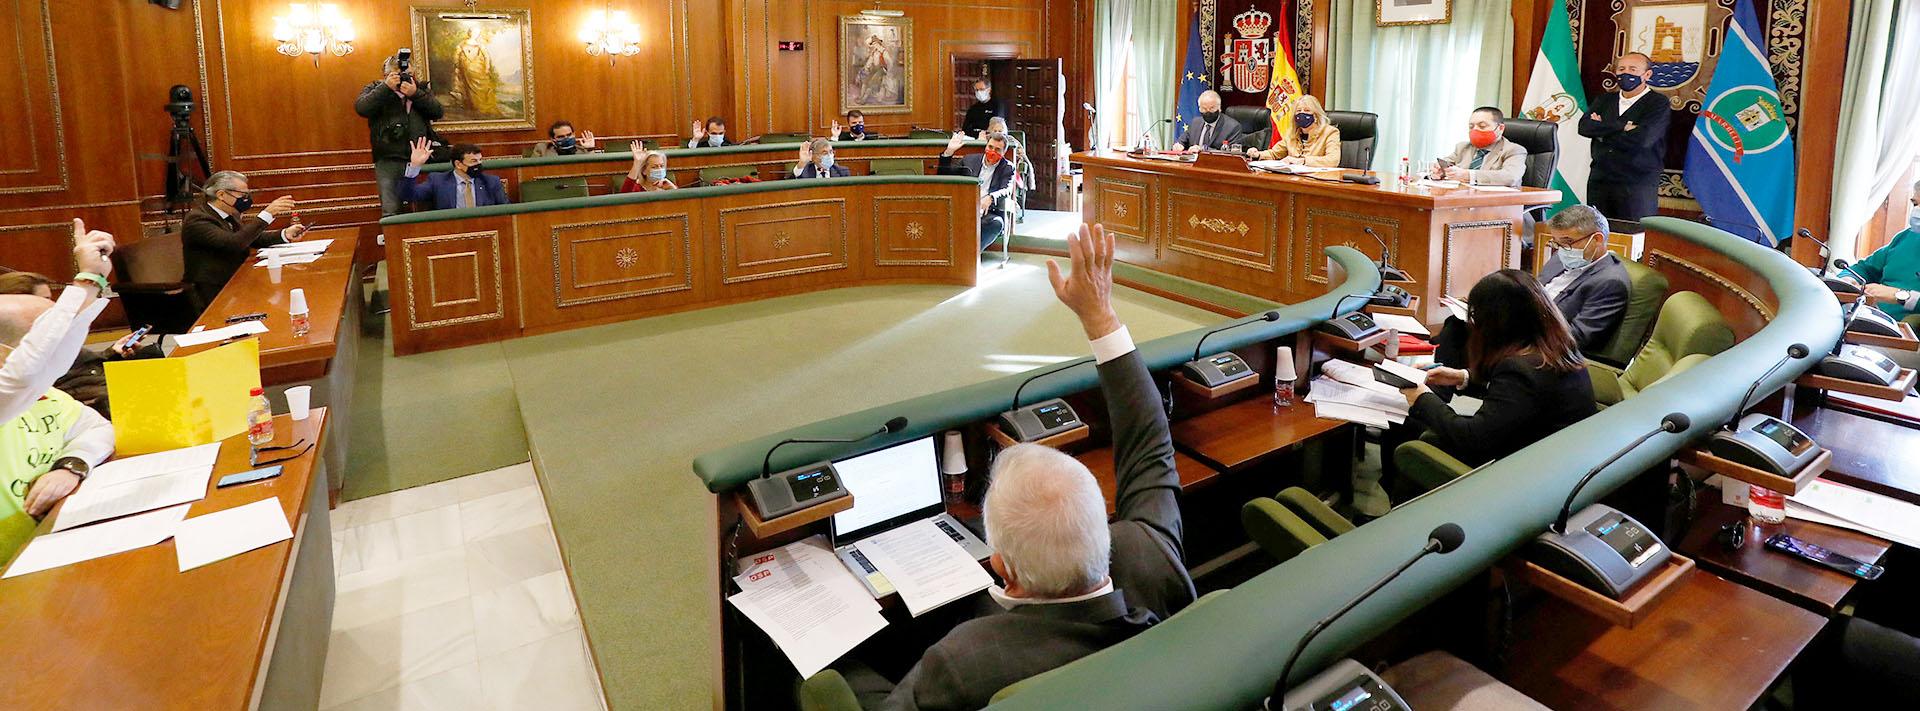 El Ayuntamiento solicitará la cesión de un tramo de la carretera de Ronda a la Junta de Andalucía